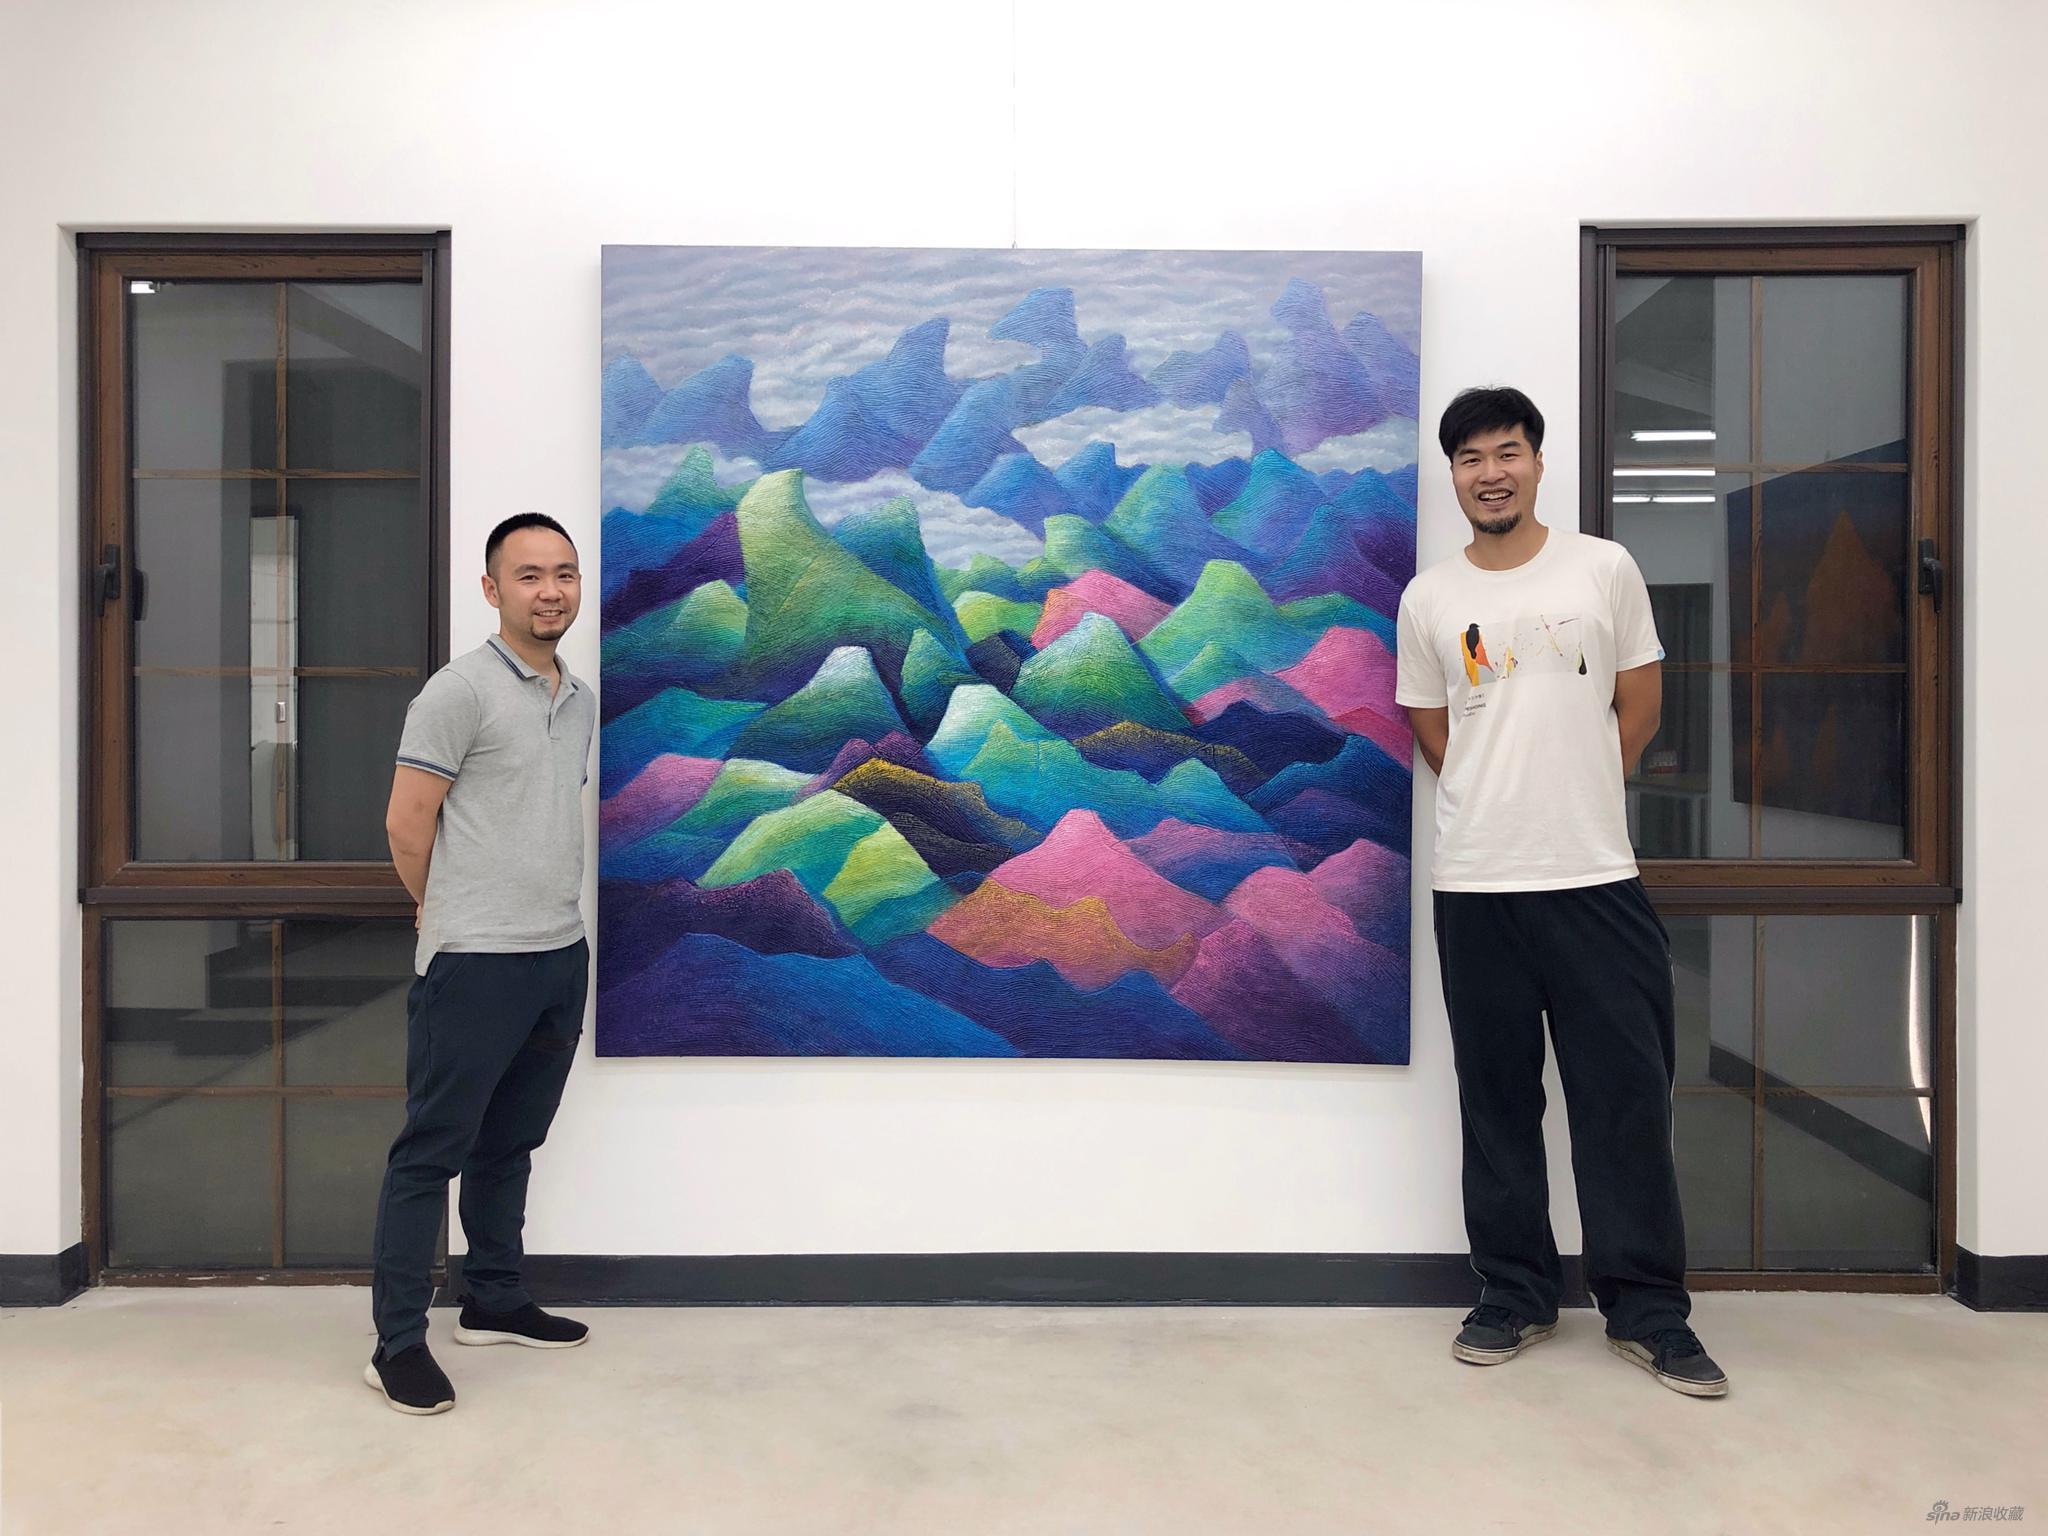 朱佩鸿与艺术家彭勇合影